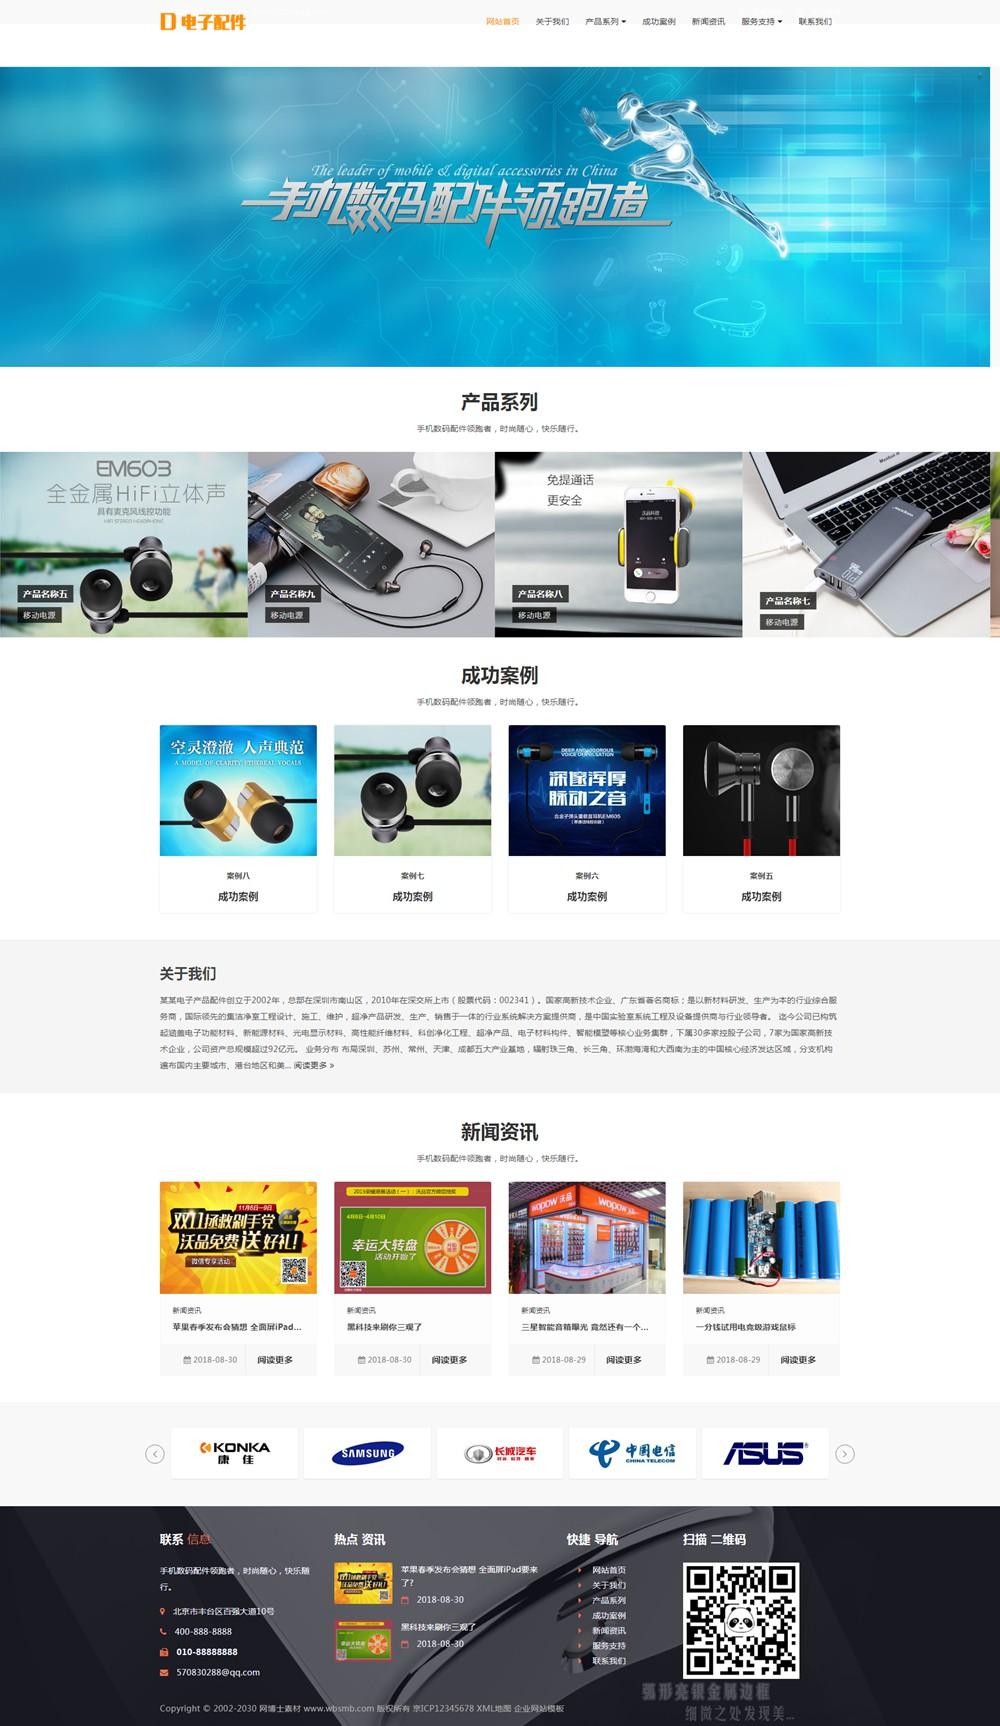 (自适应手机版)响应式电脑手机电子产品配件类网站织梦模板 HTML5电子配件网站源码